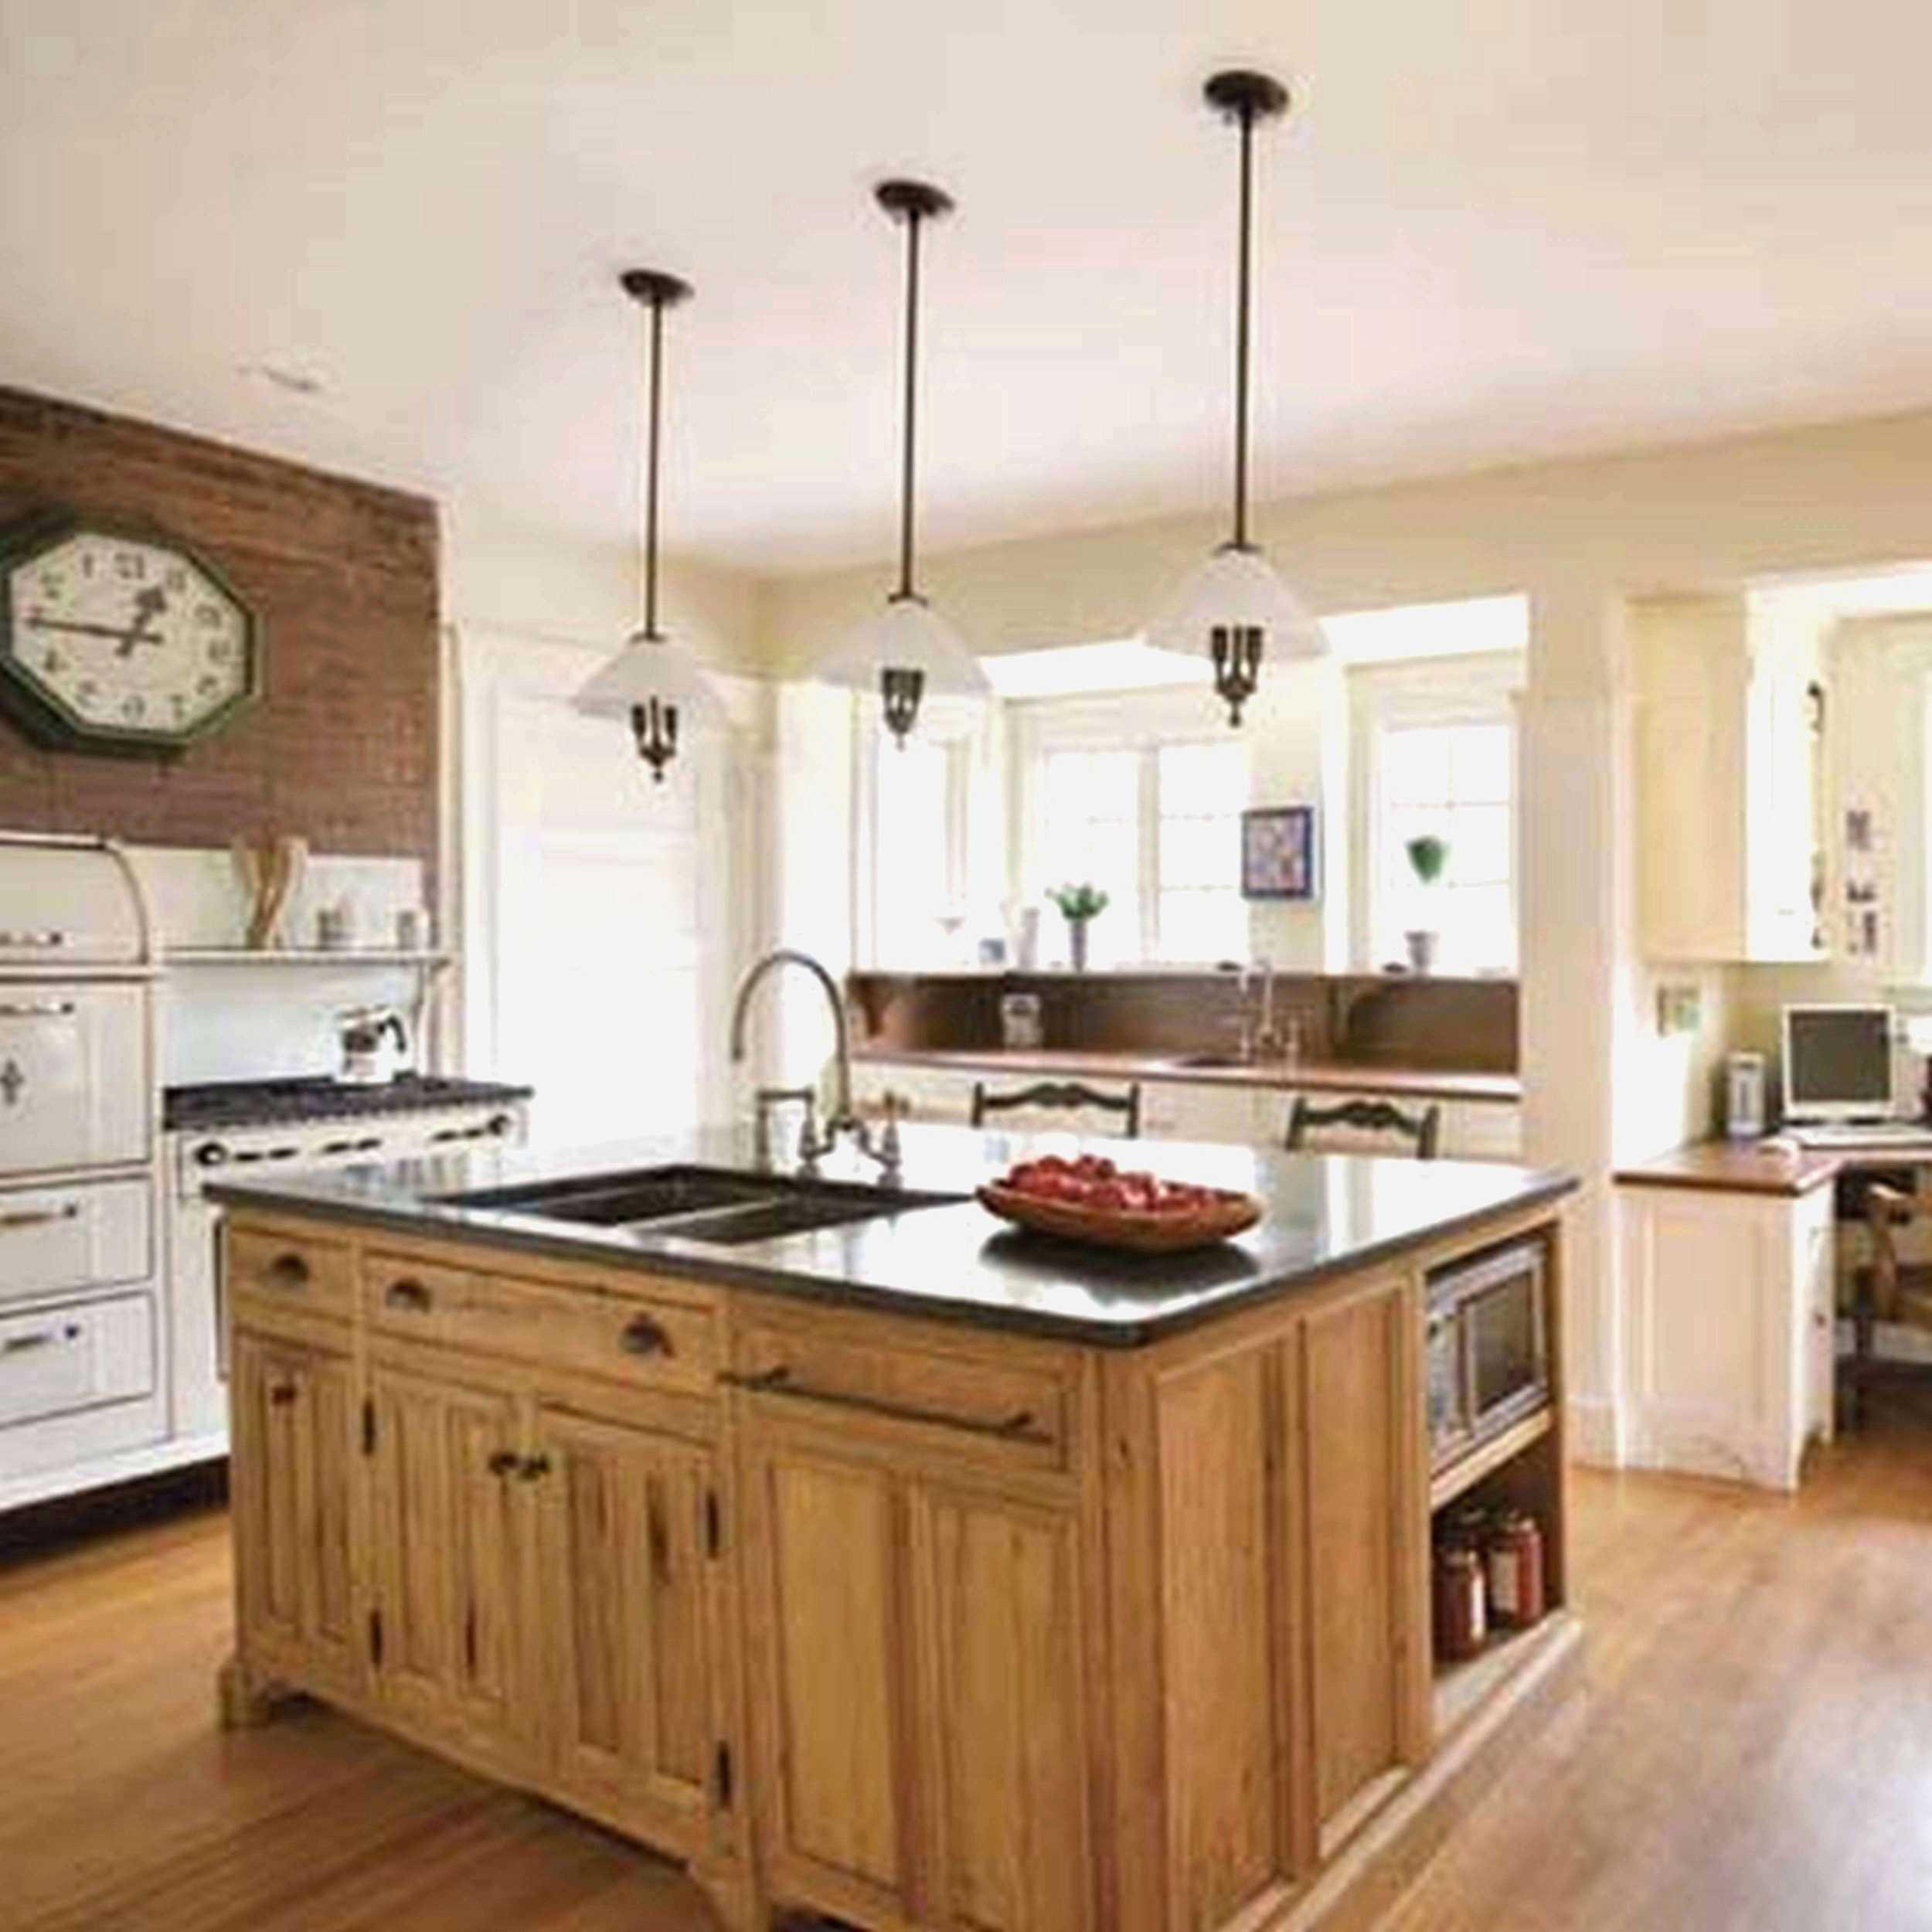 Fireplace Backsplash Lovely 18 Best Best Hardwood for Kitchen Floor